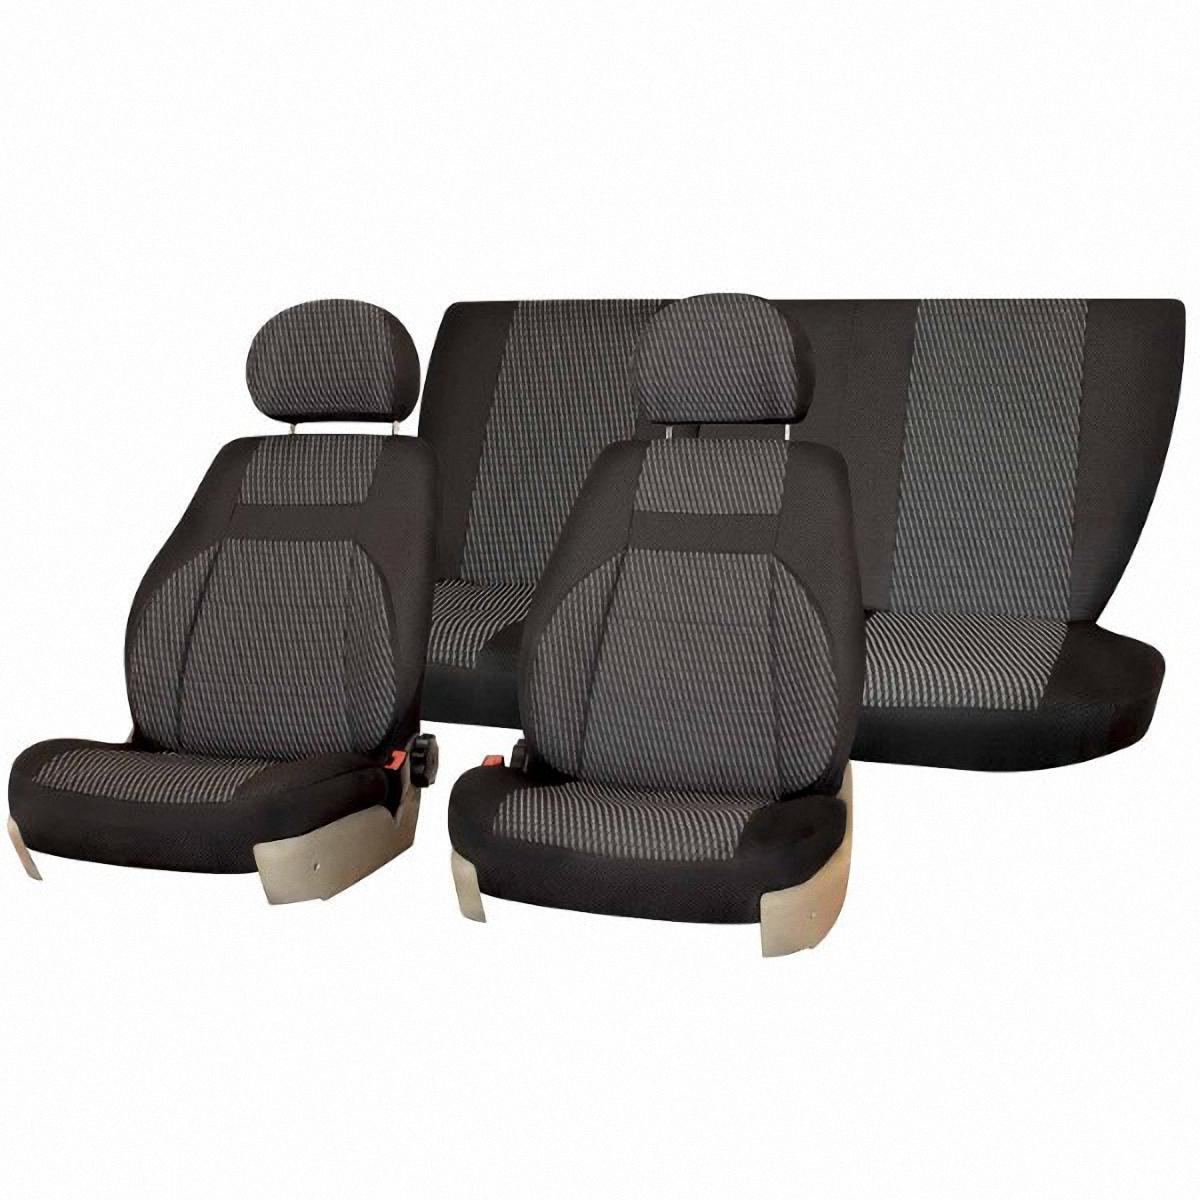 Чехлы автомобильные Skyway, для Lada Priora, седан, цвет: темно-серыйВетерок 2ГФАвтомобильные чехлы Skyway изготовлены из качественного жаккарда. Чехлы идеально повторяют штатную форму сидений и выглядят как оригинальная обивка сидений. Разработаны индивидуально для каждой модели автомобиля. Авточехлы Skyway просты в уходе - загрязнения легко удаляются влажной тканью. Чехлы имеют раздельную схему надевания. В комплекте 12 предметов.